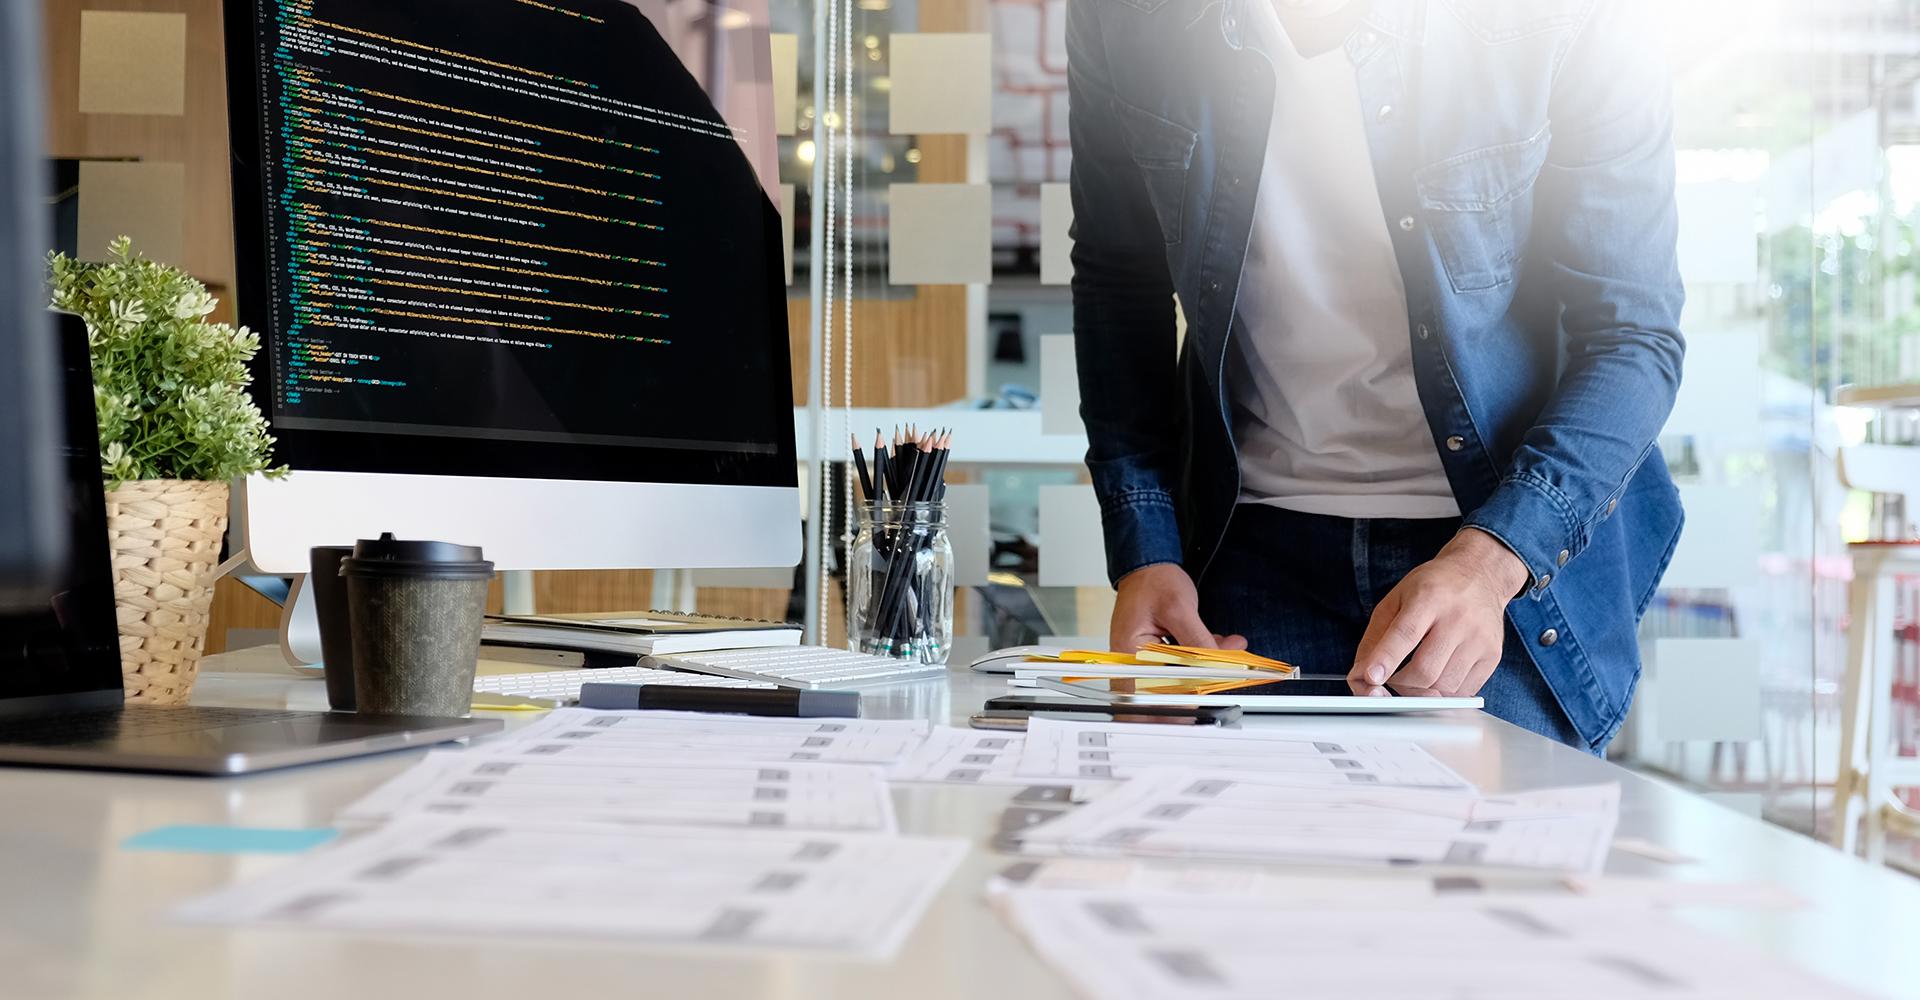 Schreibtisch mit großem PC mit Custom Development, Notizzetteln und Stifte